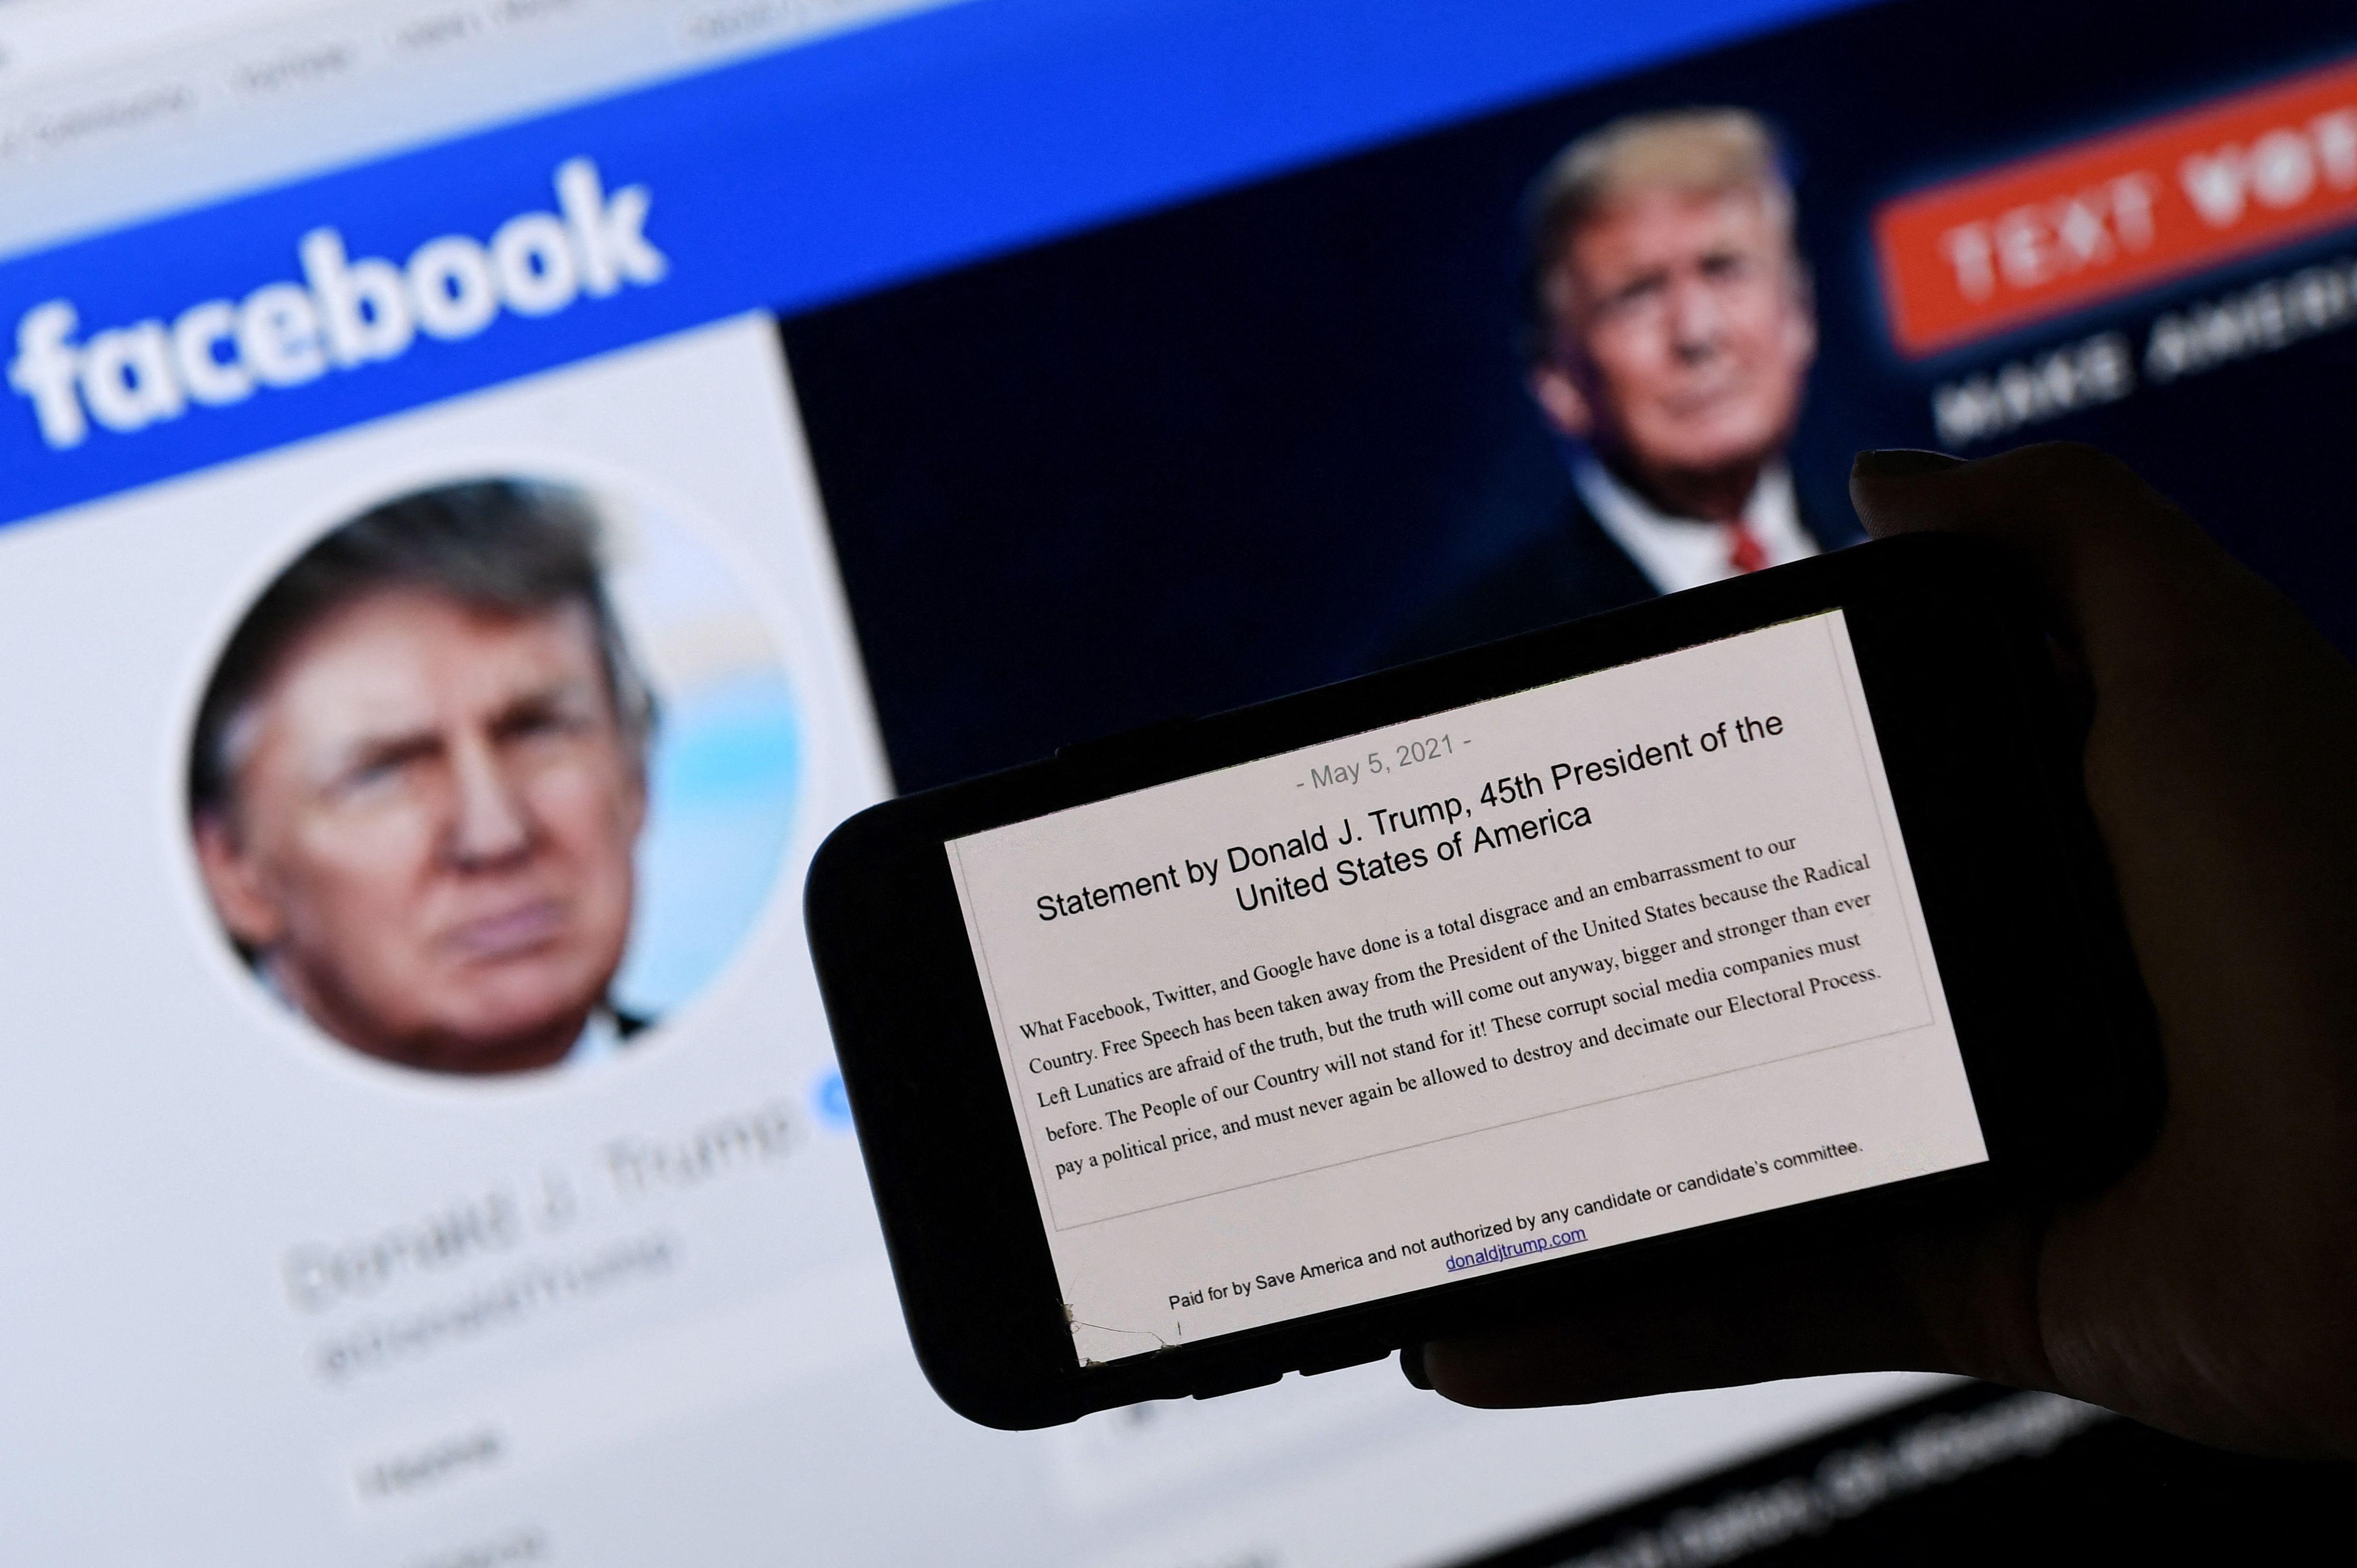 Las libertades, tras el choque Facebook-Trump